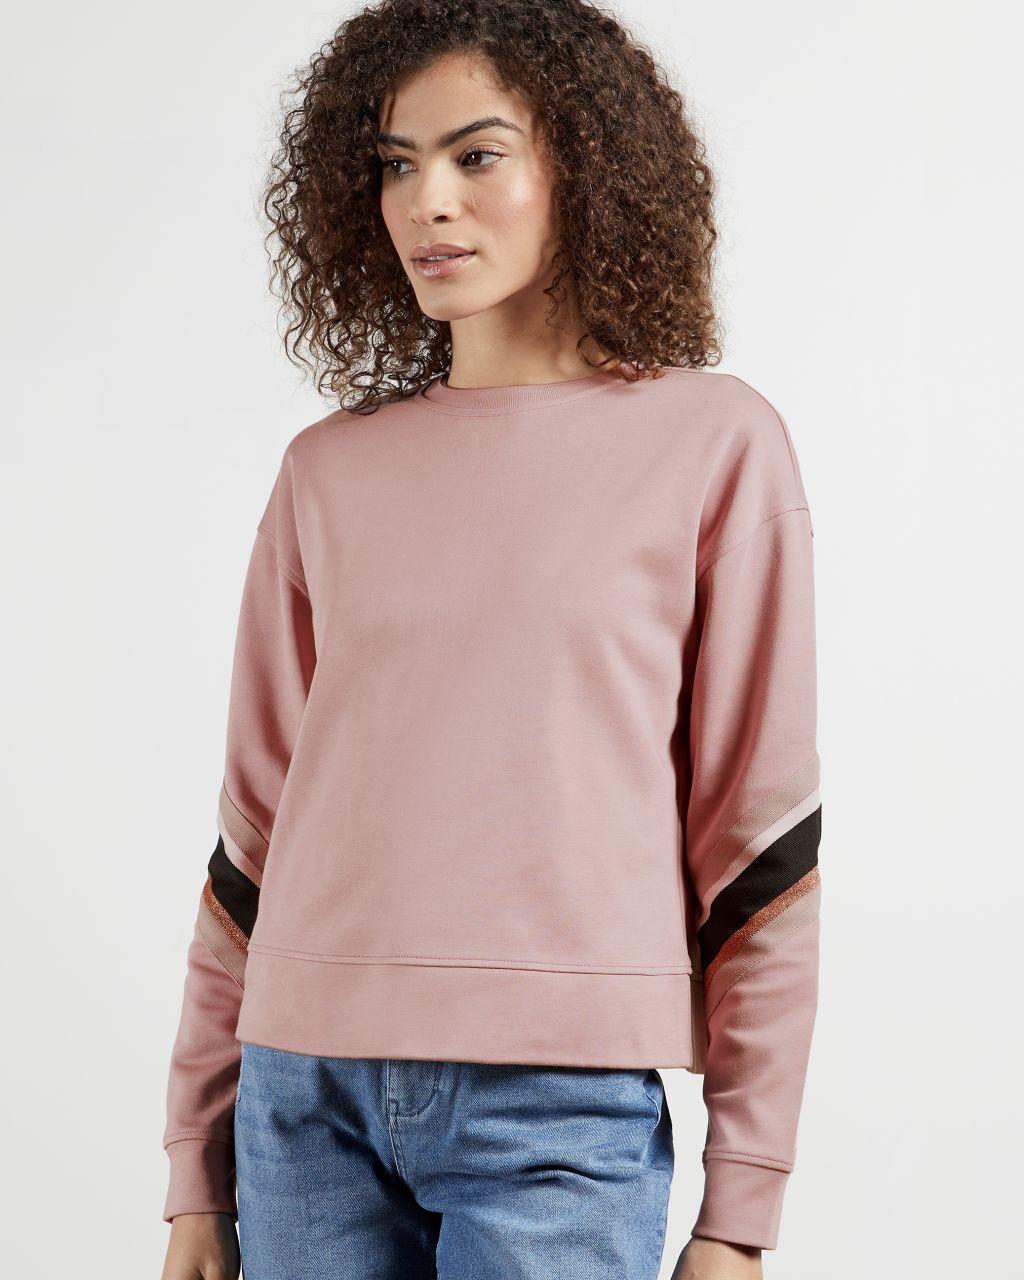 Sweatshirt Avec Rayures